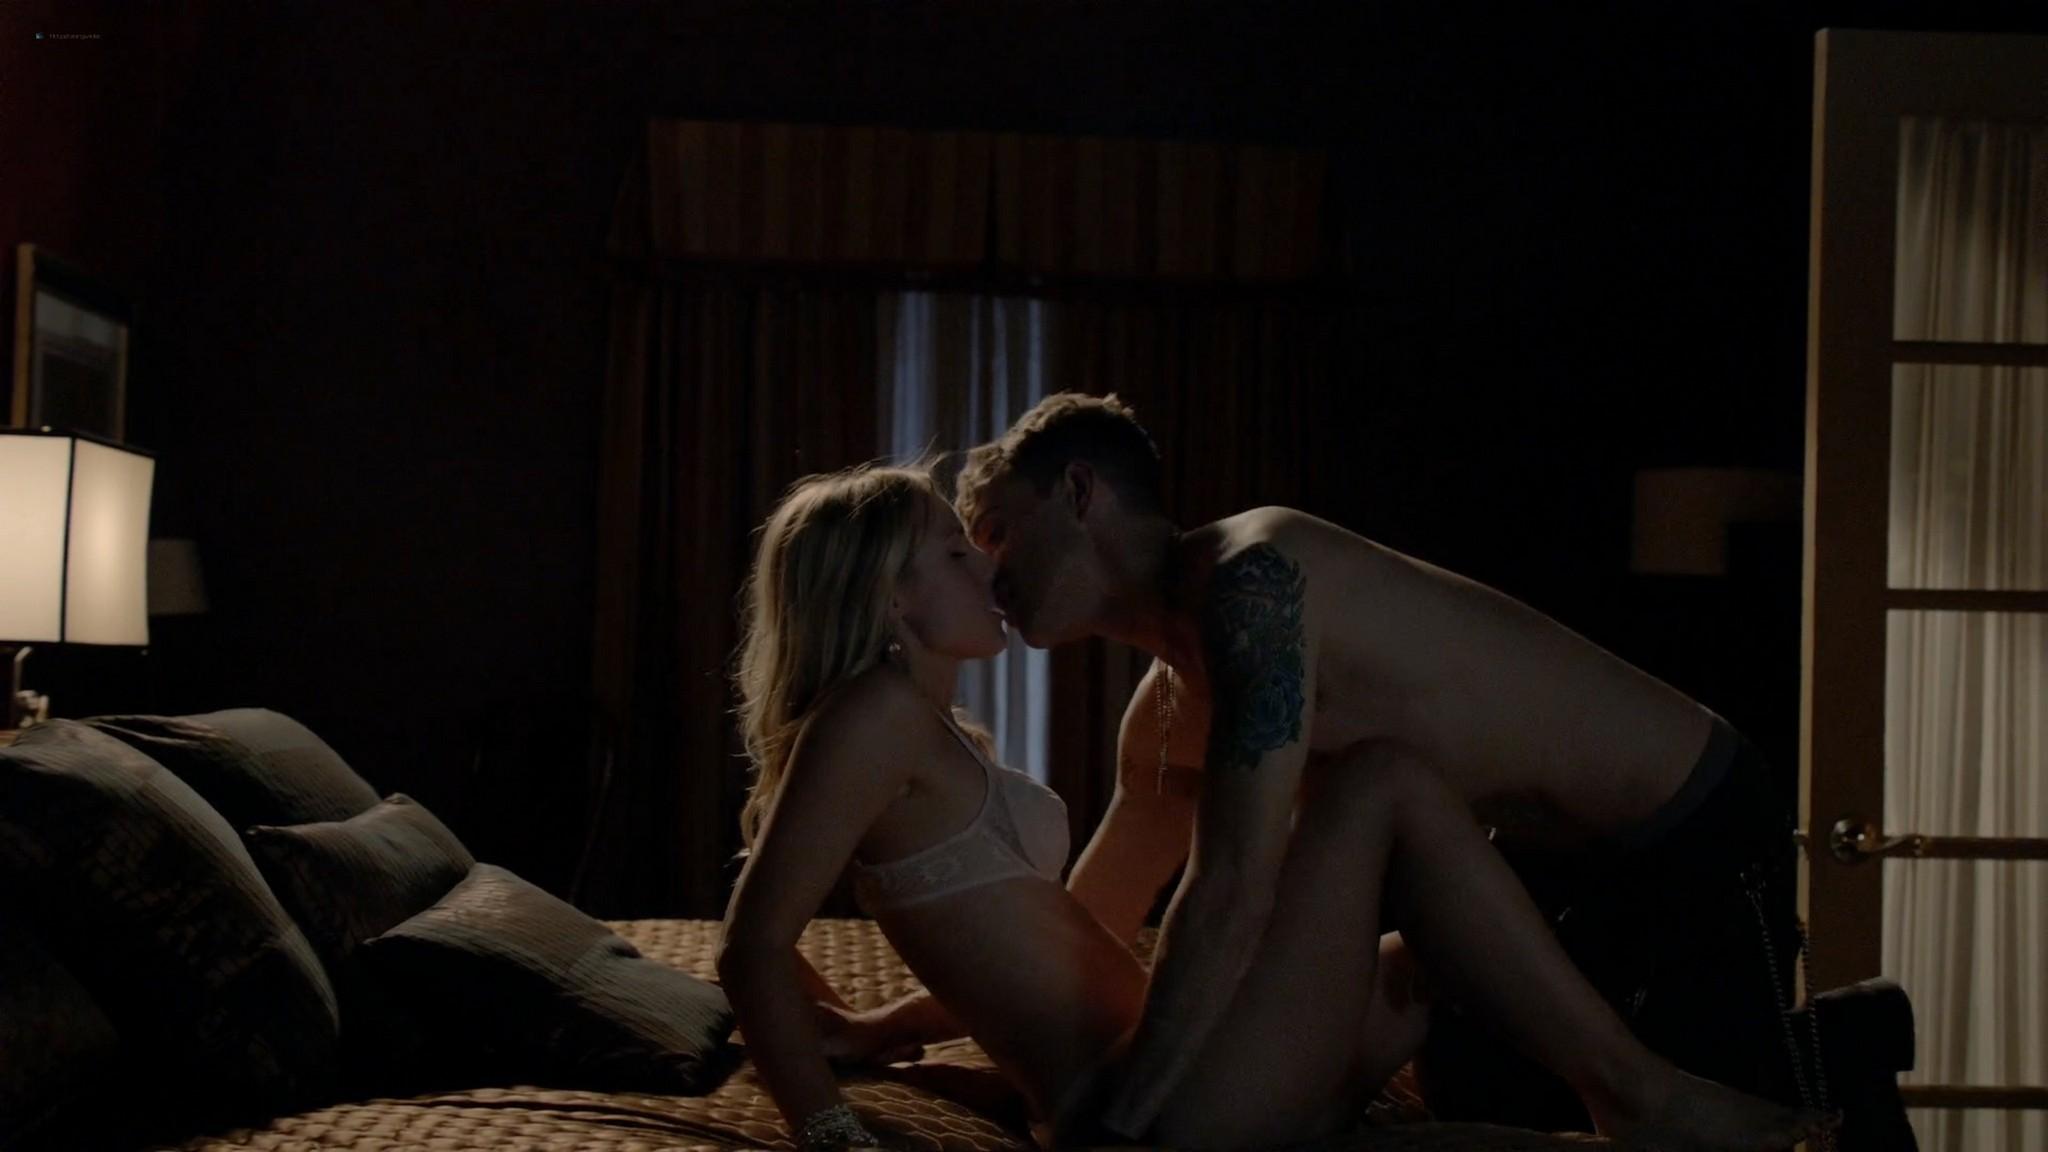 Kristen Bell hot sex Amy Landecker nude boobs House of Lies 2012 s1e3 4 1080p Web 6